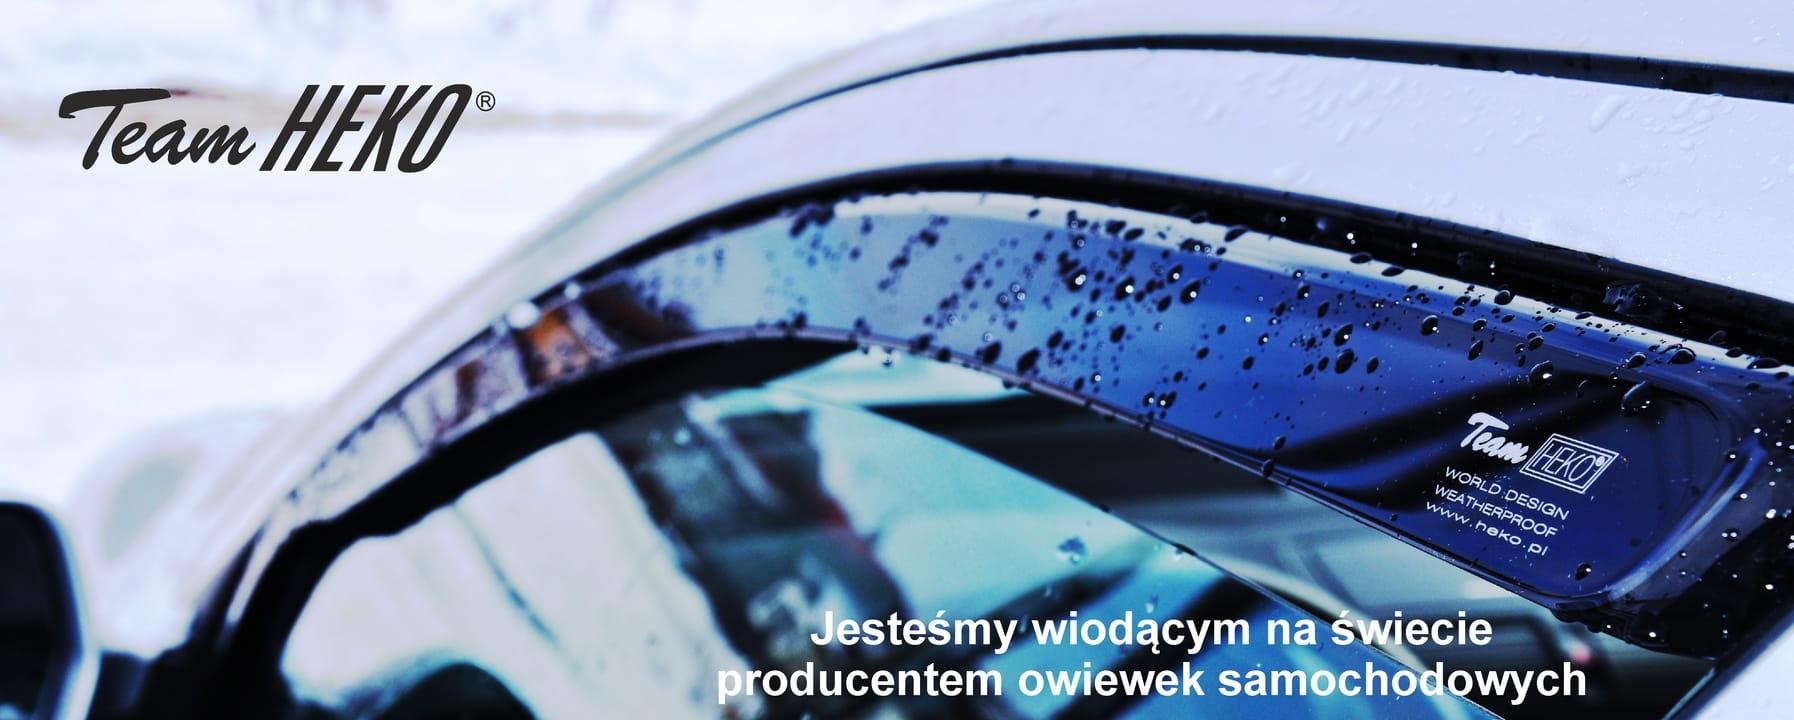 SET OF FRONT HEKO TINTED WIND DEFLECTORS for BMW X2 F39 5 DOOR 2018-up 2pc